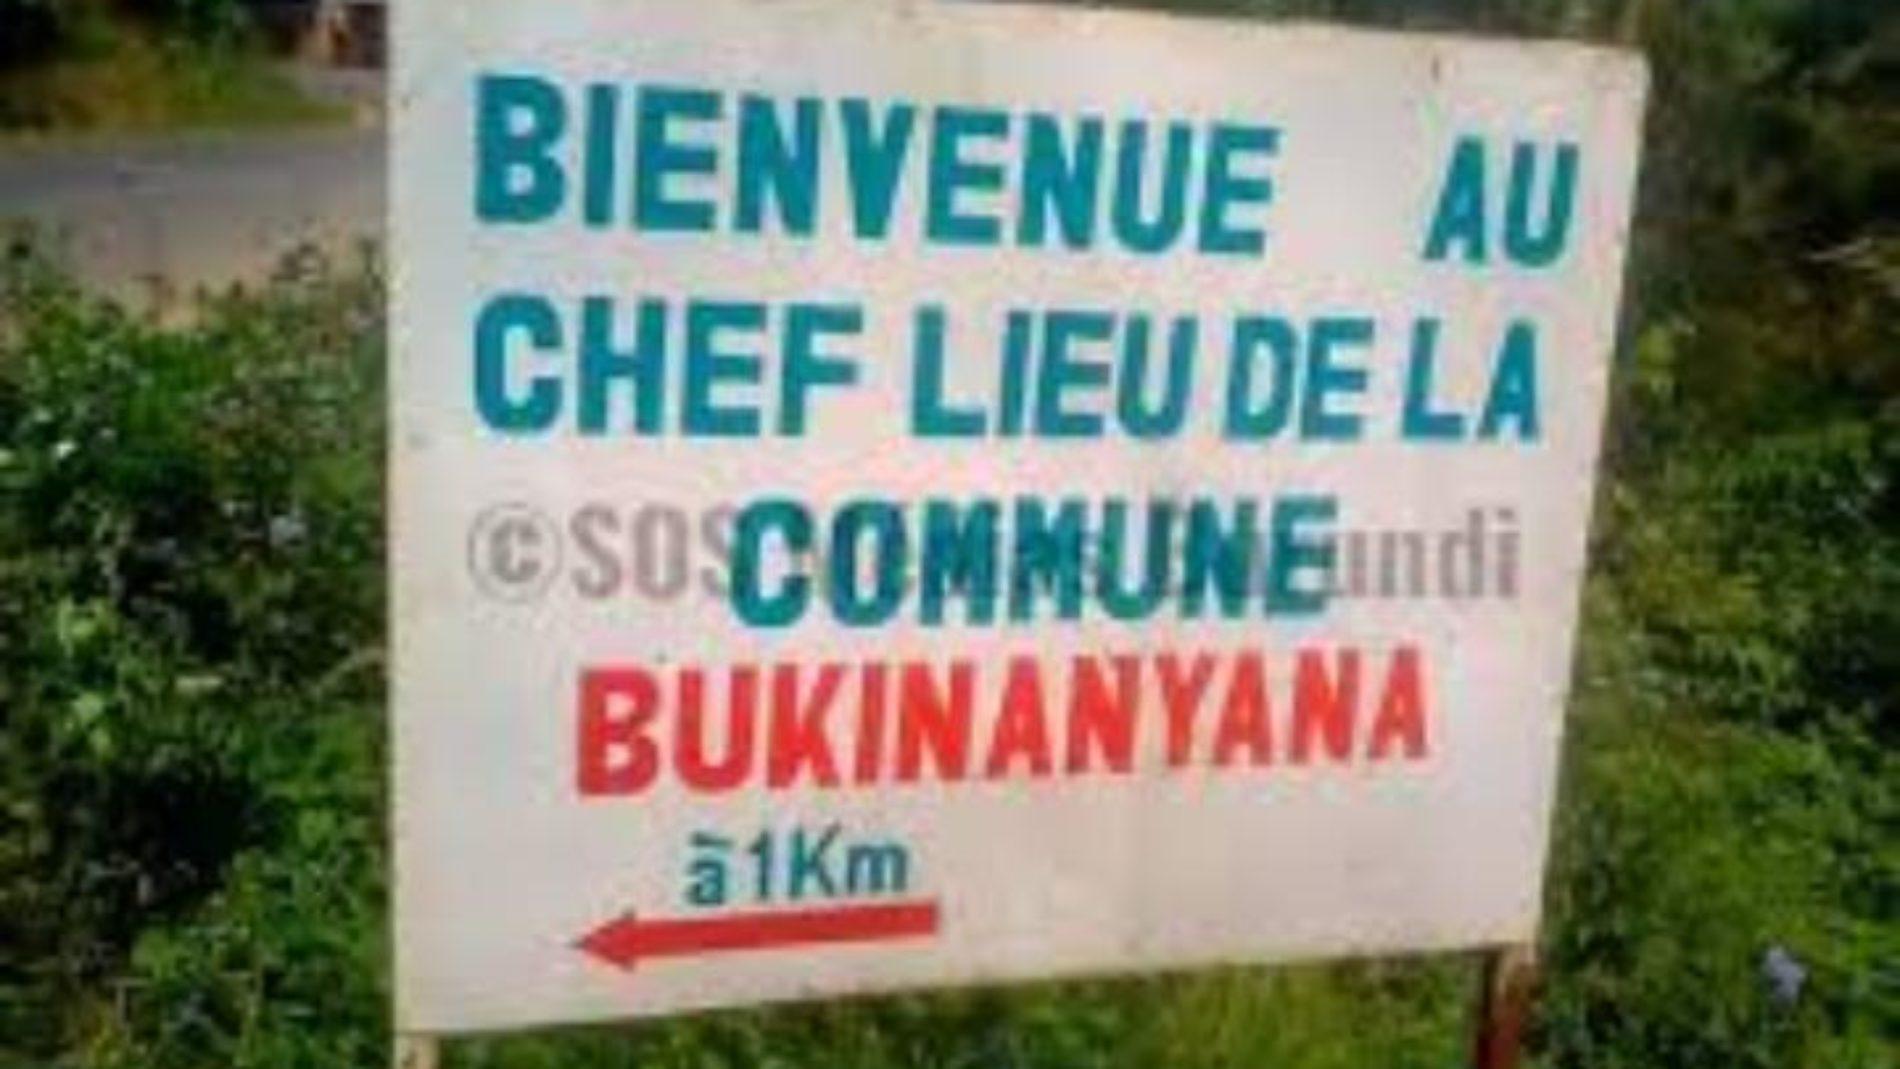 Bukinanyana : les autorités menacent de sanctionner sévèrement les collaborateurs des hommes armés parlant Kinyarwanda